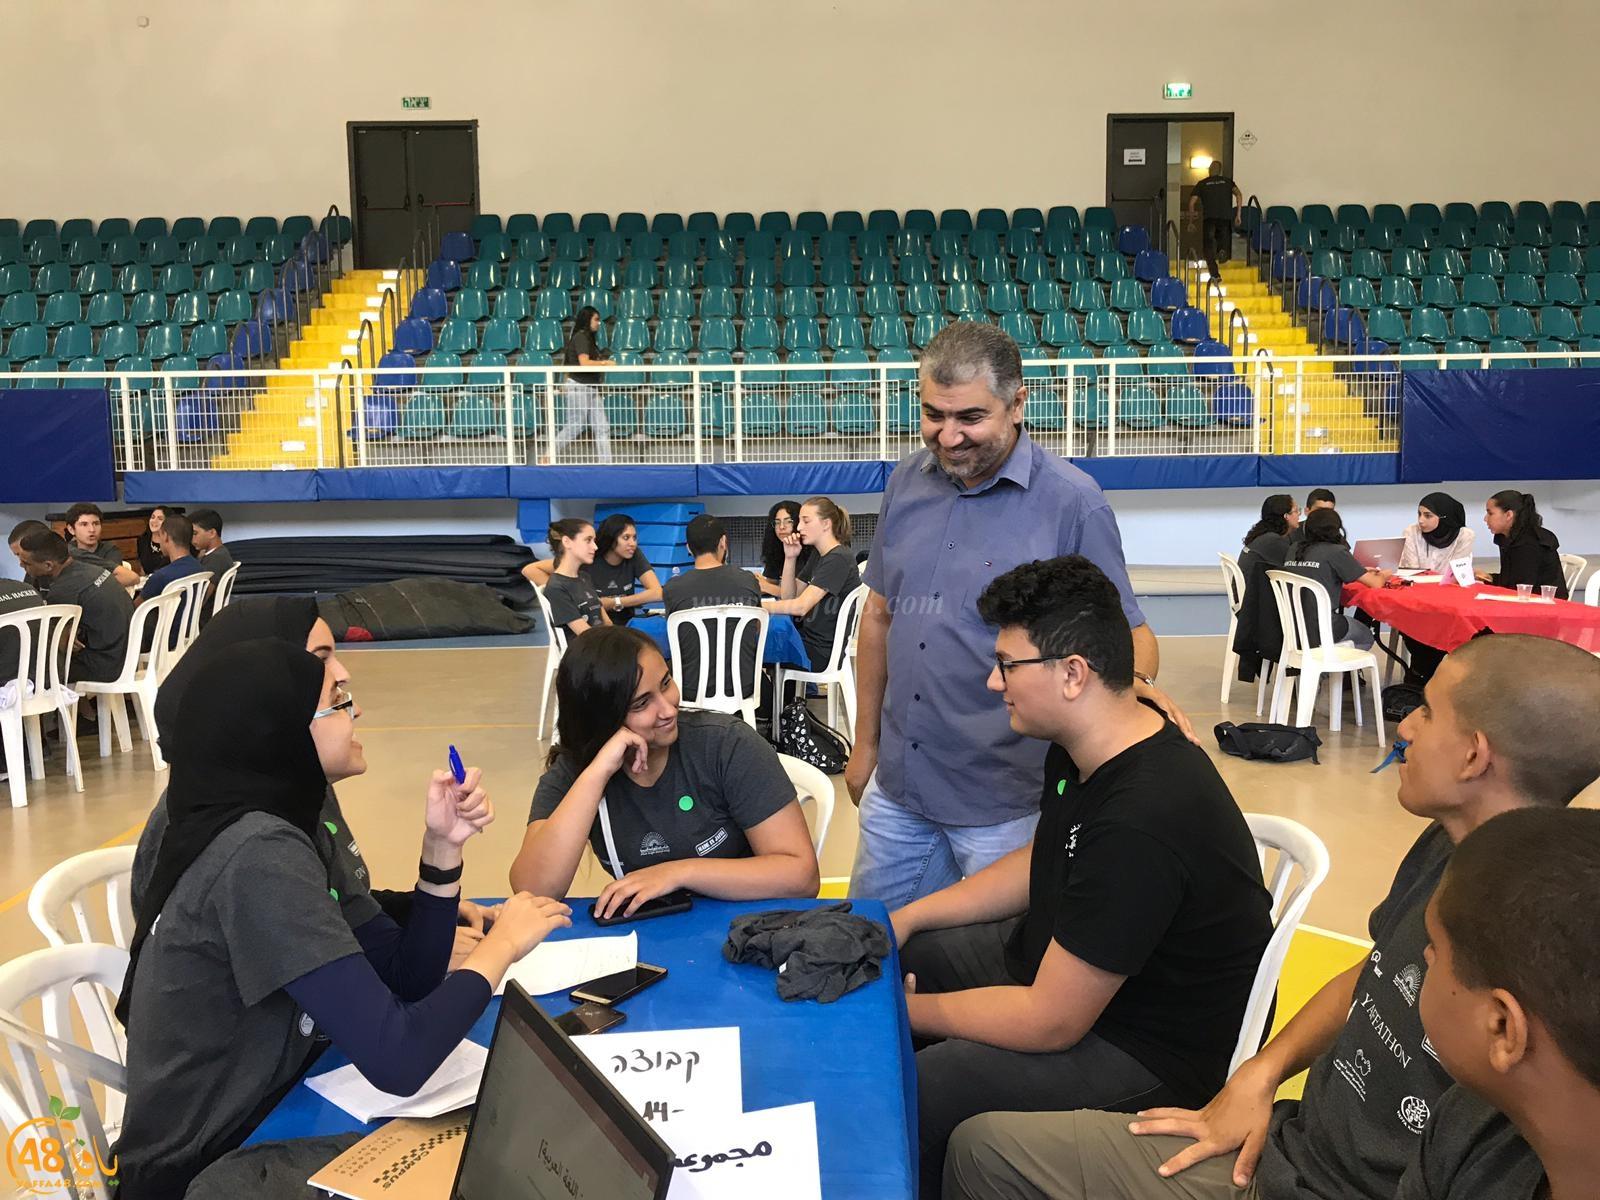 طلاب يافا الشاملة يفوزون بمسابقة الهاكتون في المبادرة والابداع